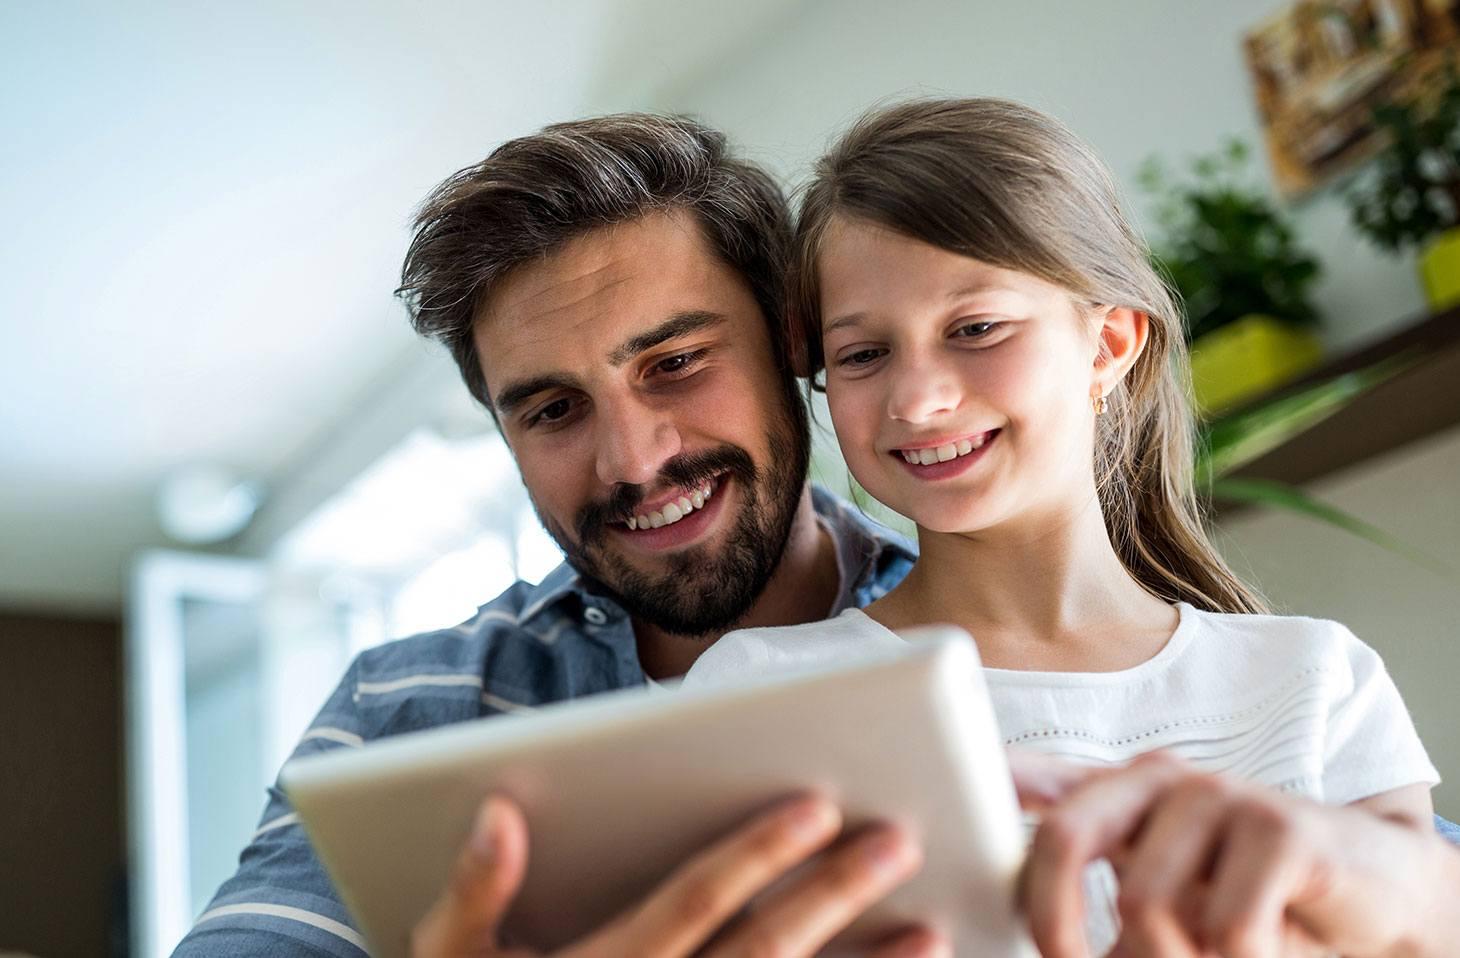 Nos jeunes générations face aux dangers du Net : adopter les bons usages